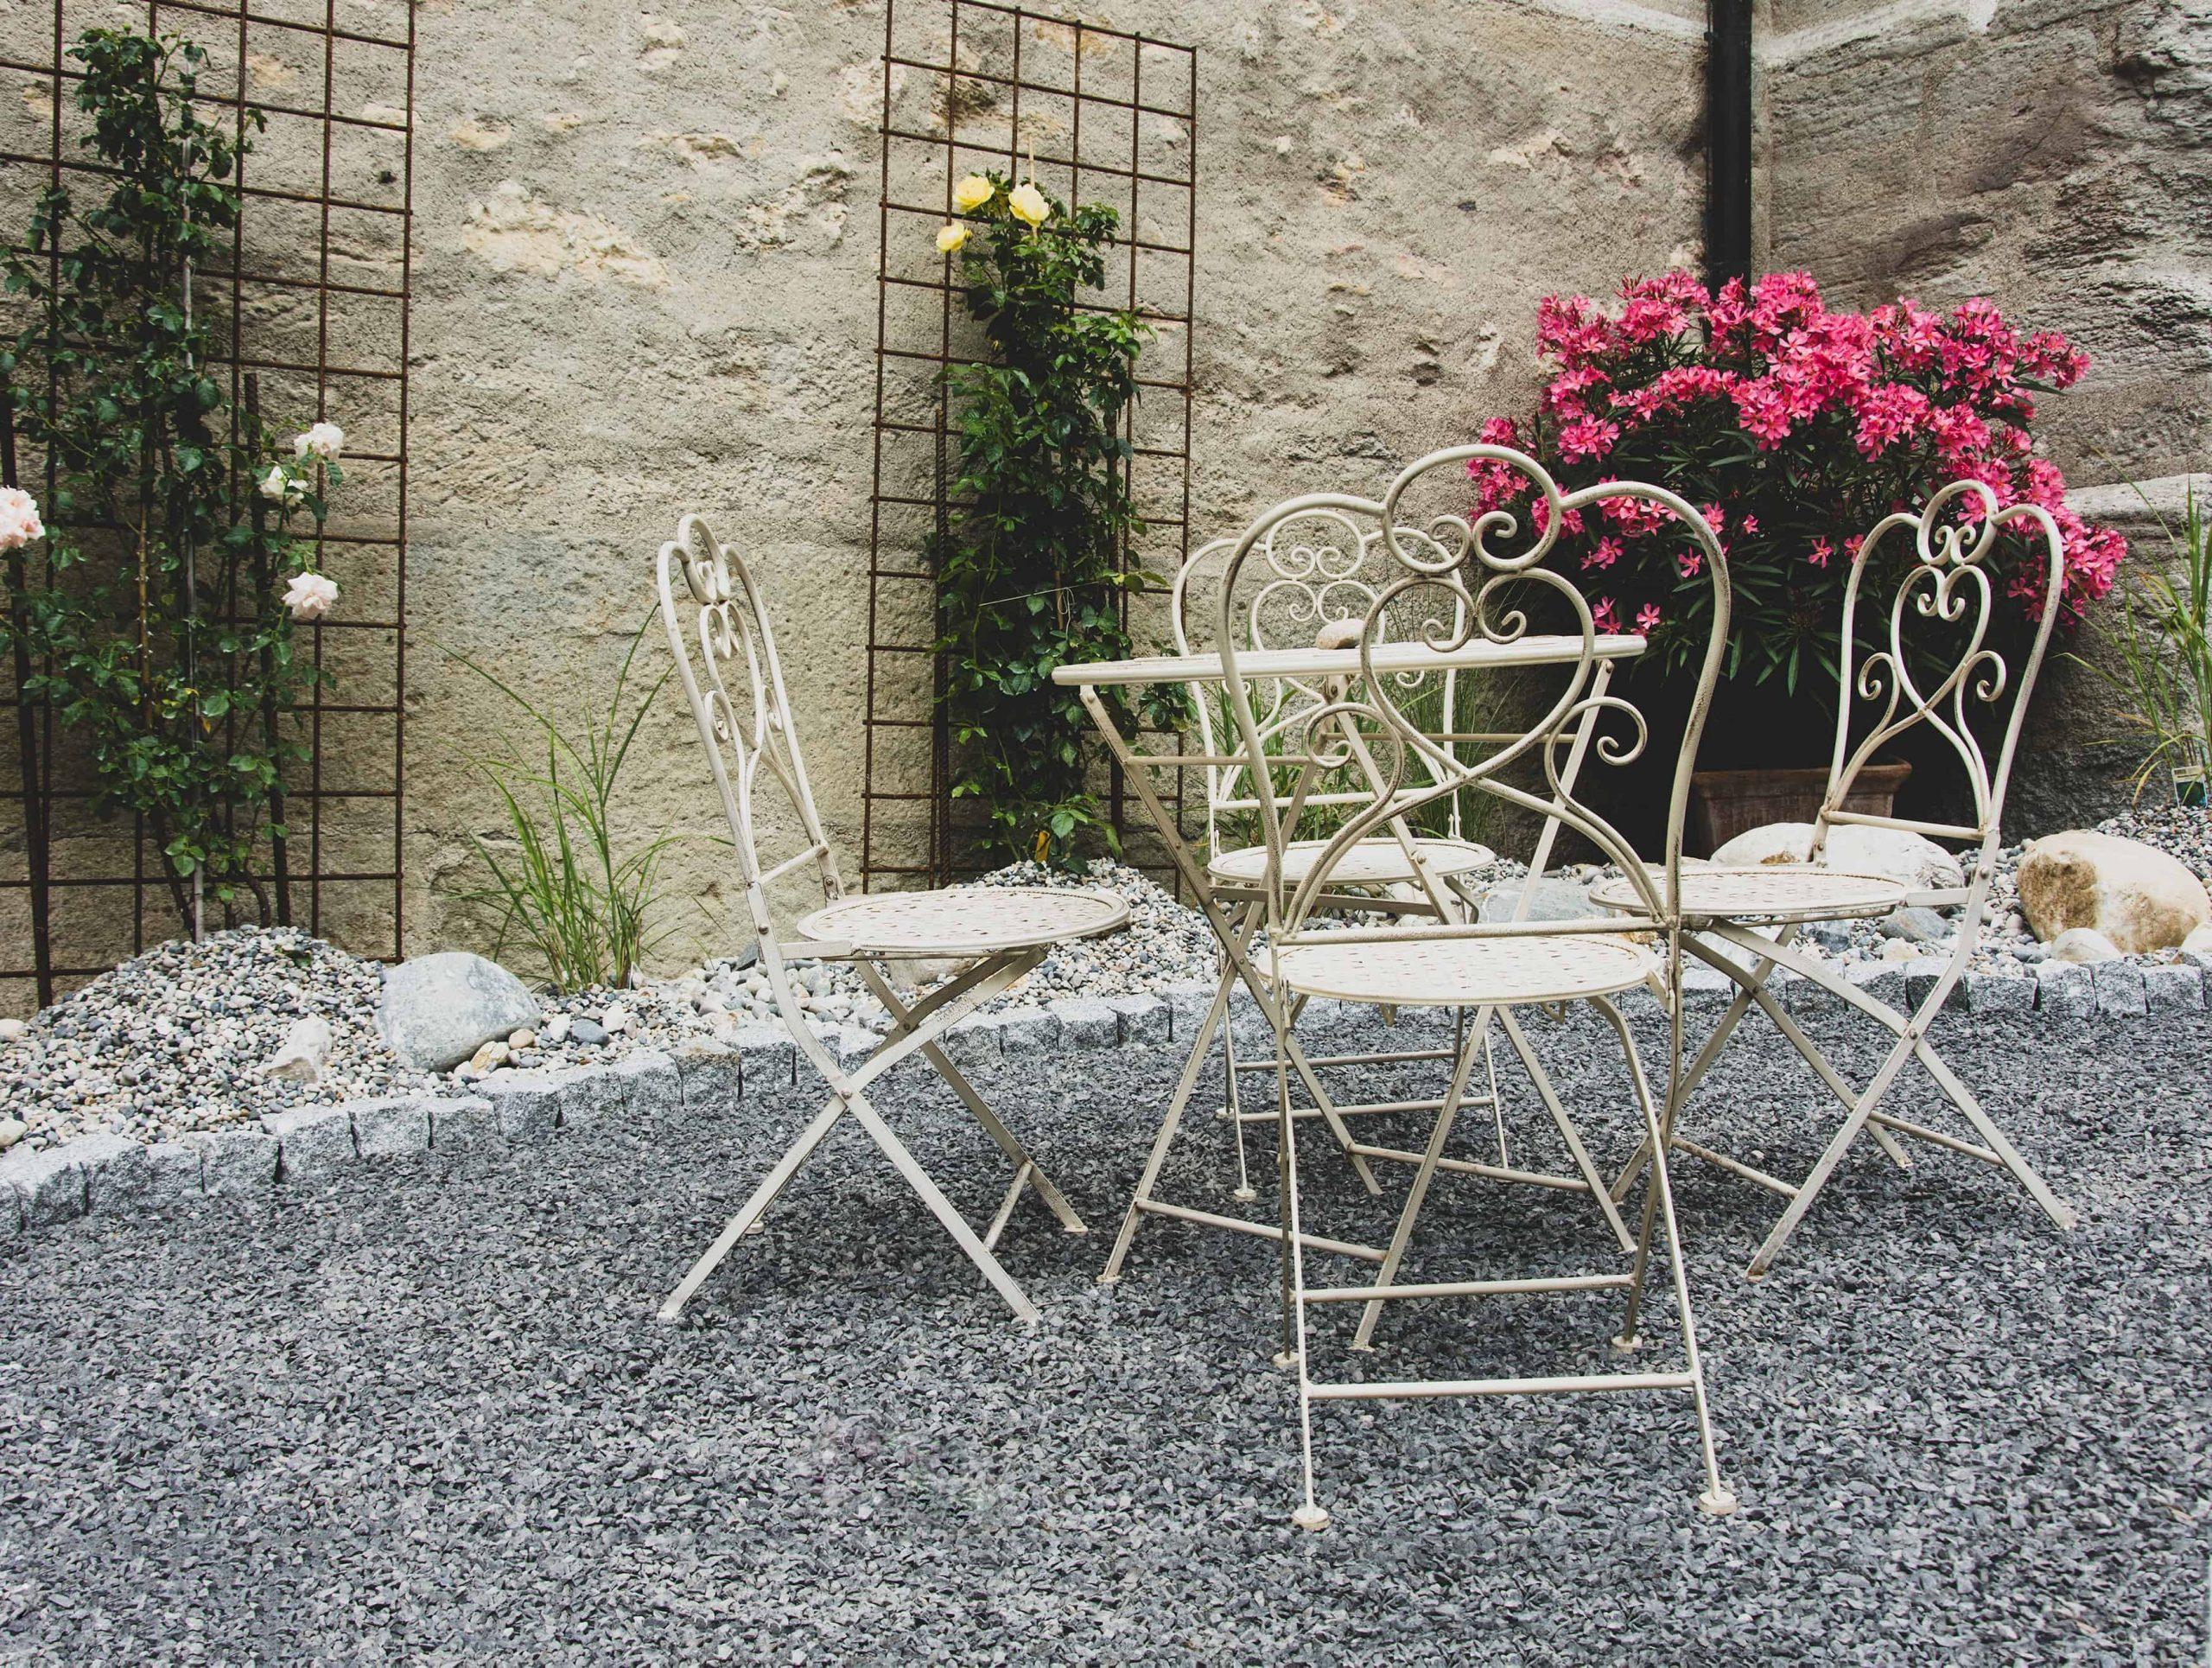 Polsterauflage für Gartenmöbel: Test & Empfehlungen (01/21)